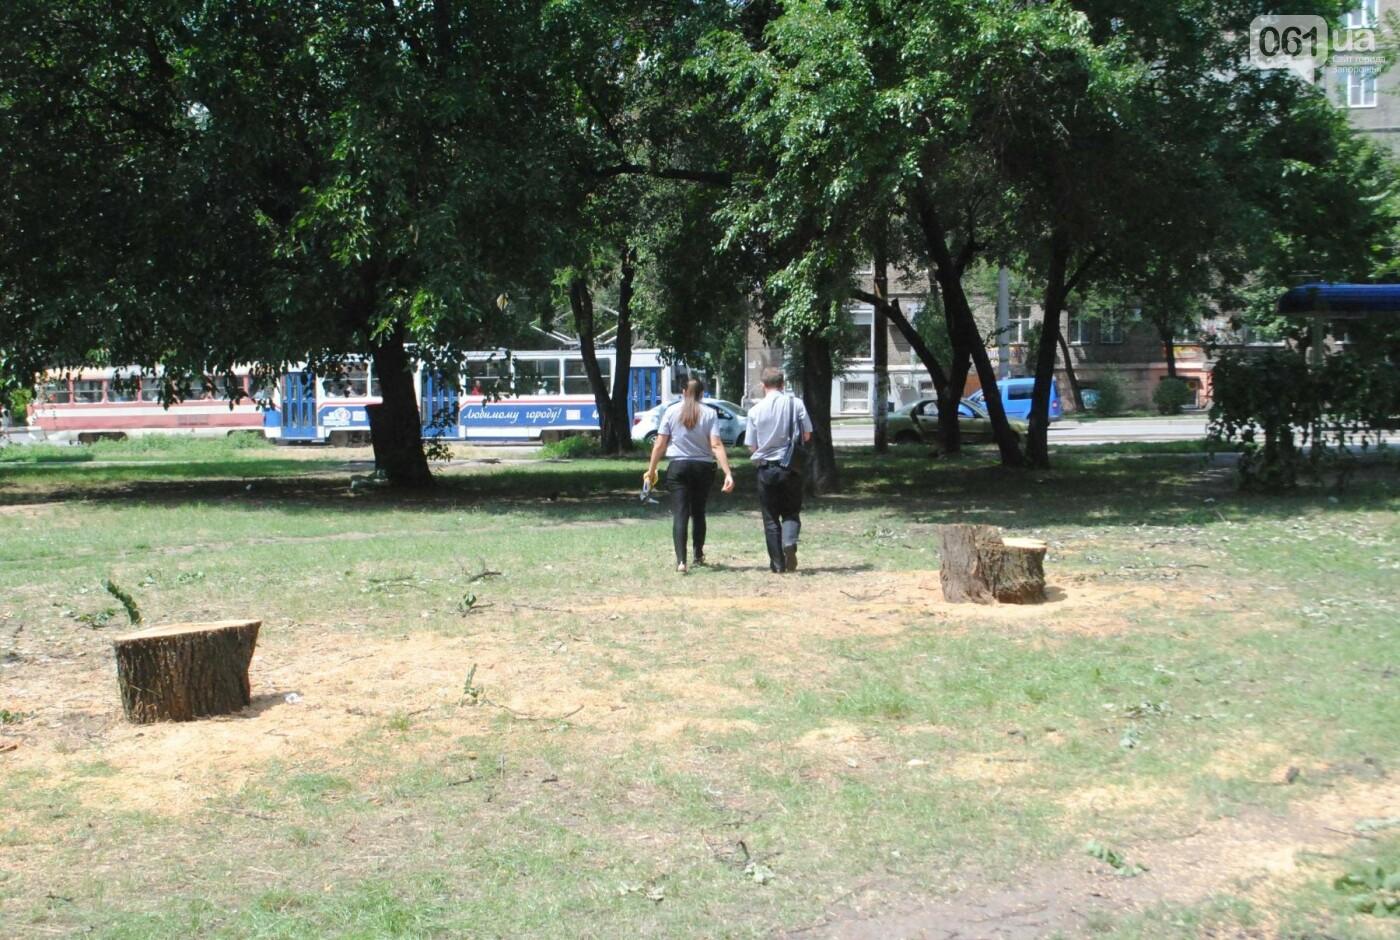 В сквере Яланского начали пилить деревья: неизвестные провели работы сегодня утром, фото-3